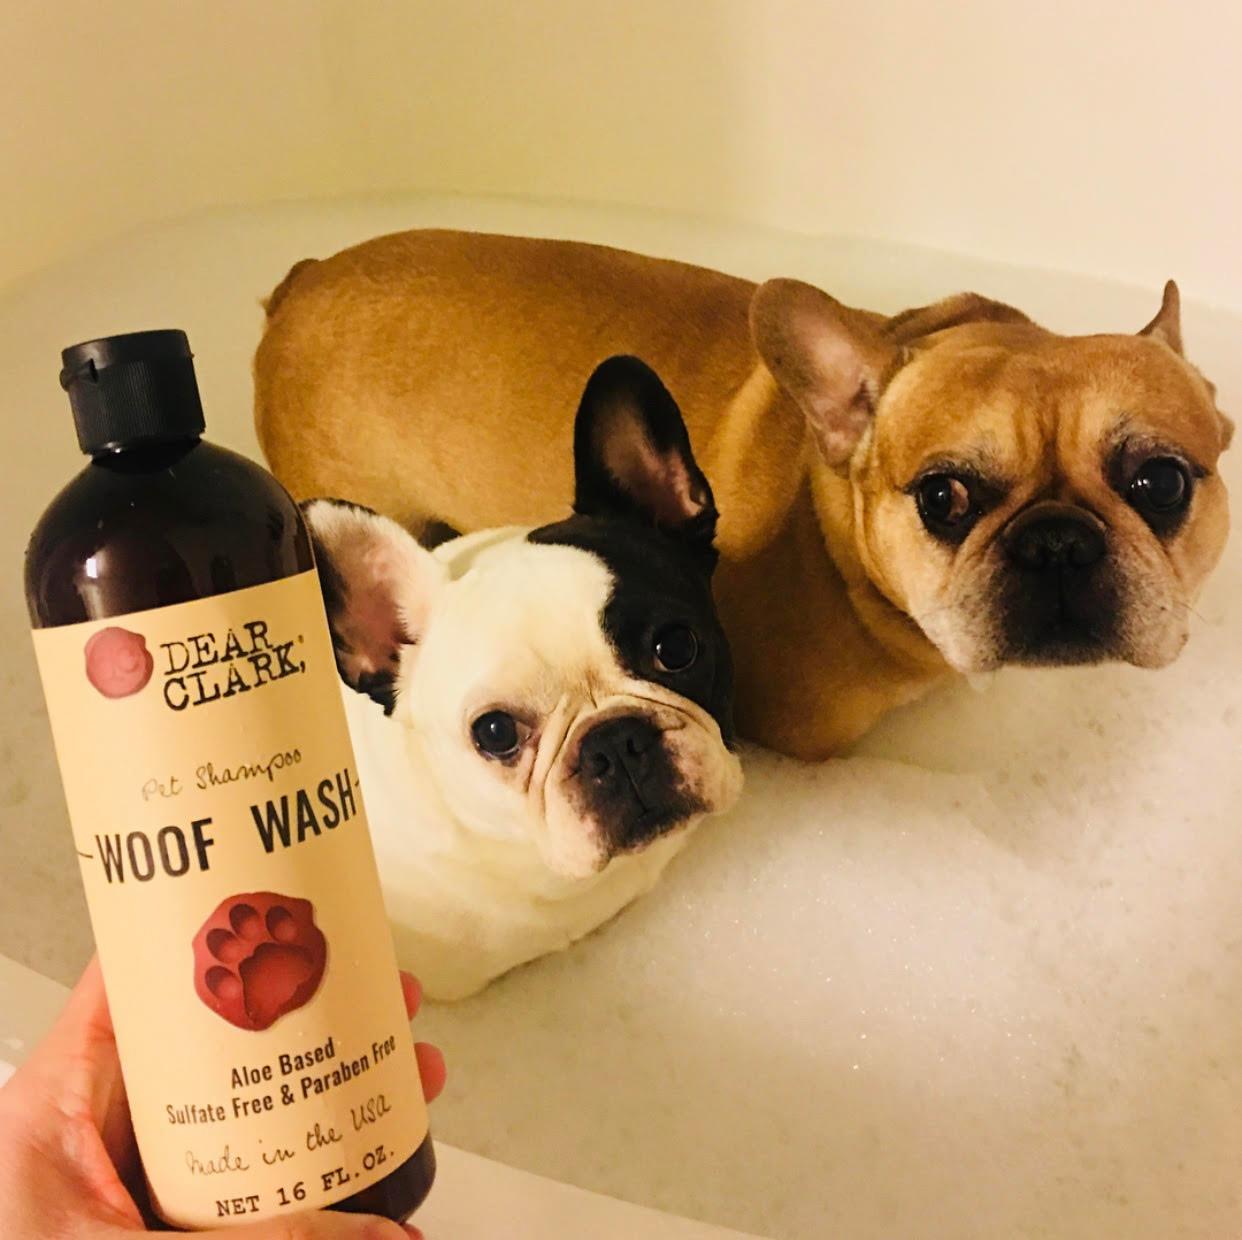 Pets & Animals Winner: Woof Wash by Dear Clark